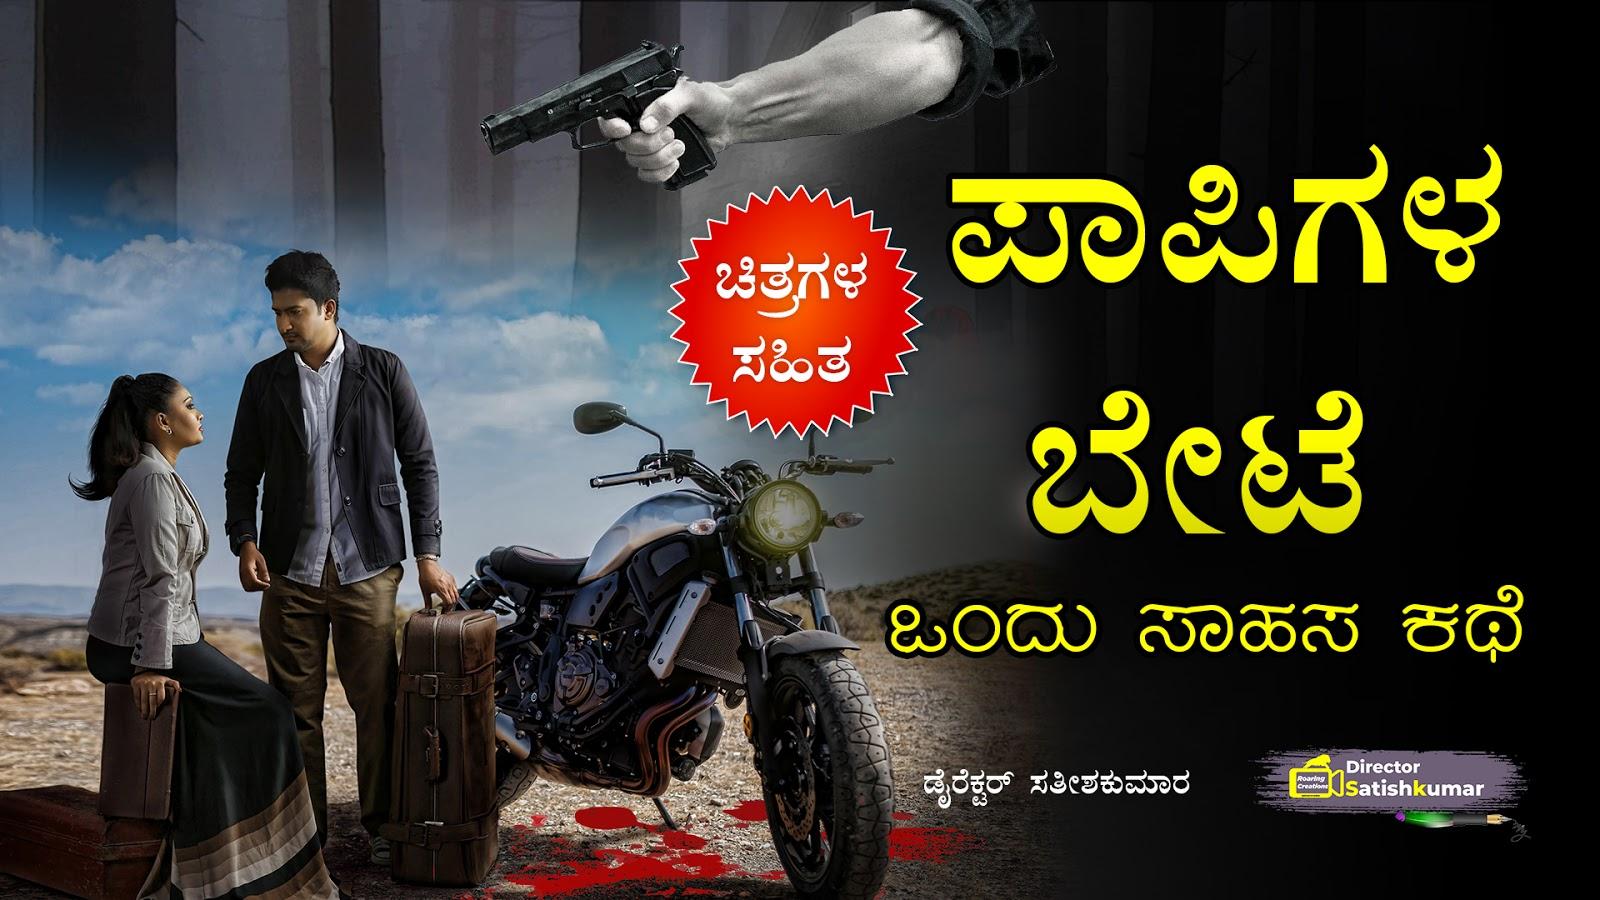 ಪಾಪಿಗಳ ಬೇಟೆ - ಒಂದು ಸಾಹಸ ಕಥೆ - Kannada Thriller Story - Kannada Crime Stories - ಕನ್ನಡ ಕಥೆ ಪುಸ್ತಕಗಳು - Kannada Story Books -  E Books Kannada - Kannada Books